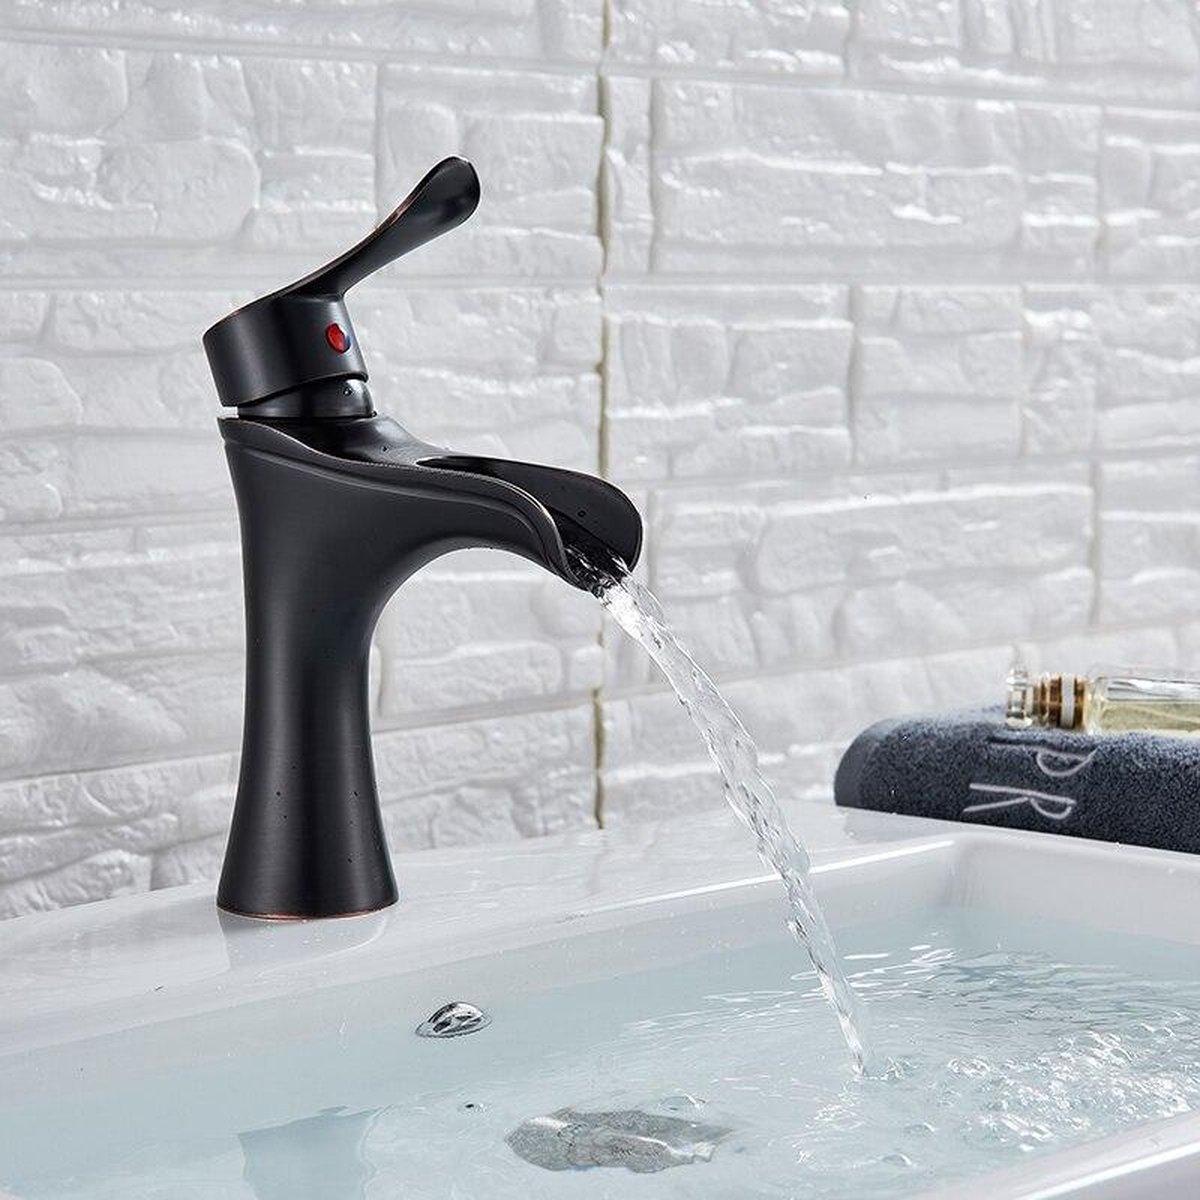 Productgigant - Wastafelkraan - fonteinkraan - toiletkraan - zwart met brons